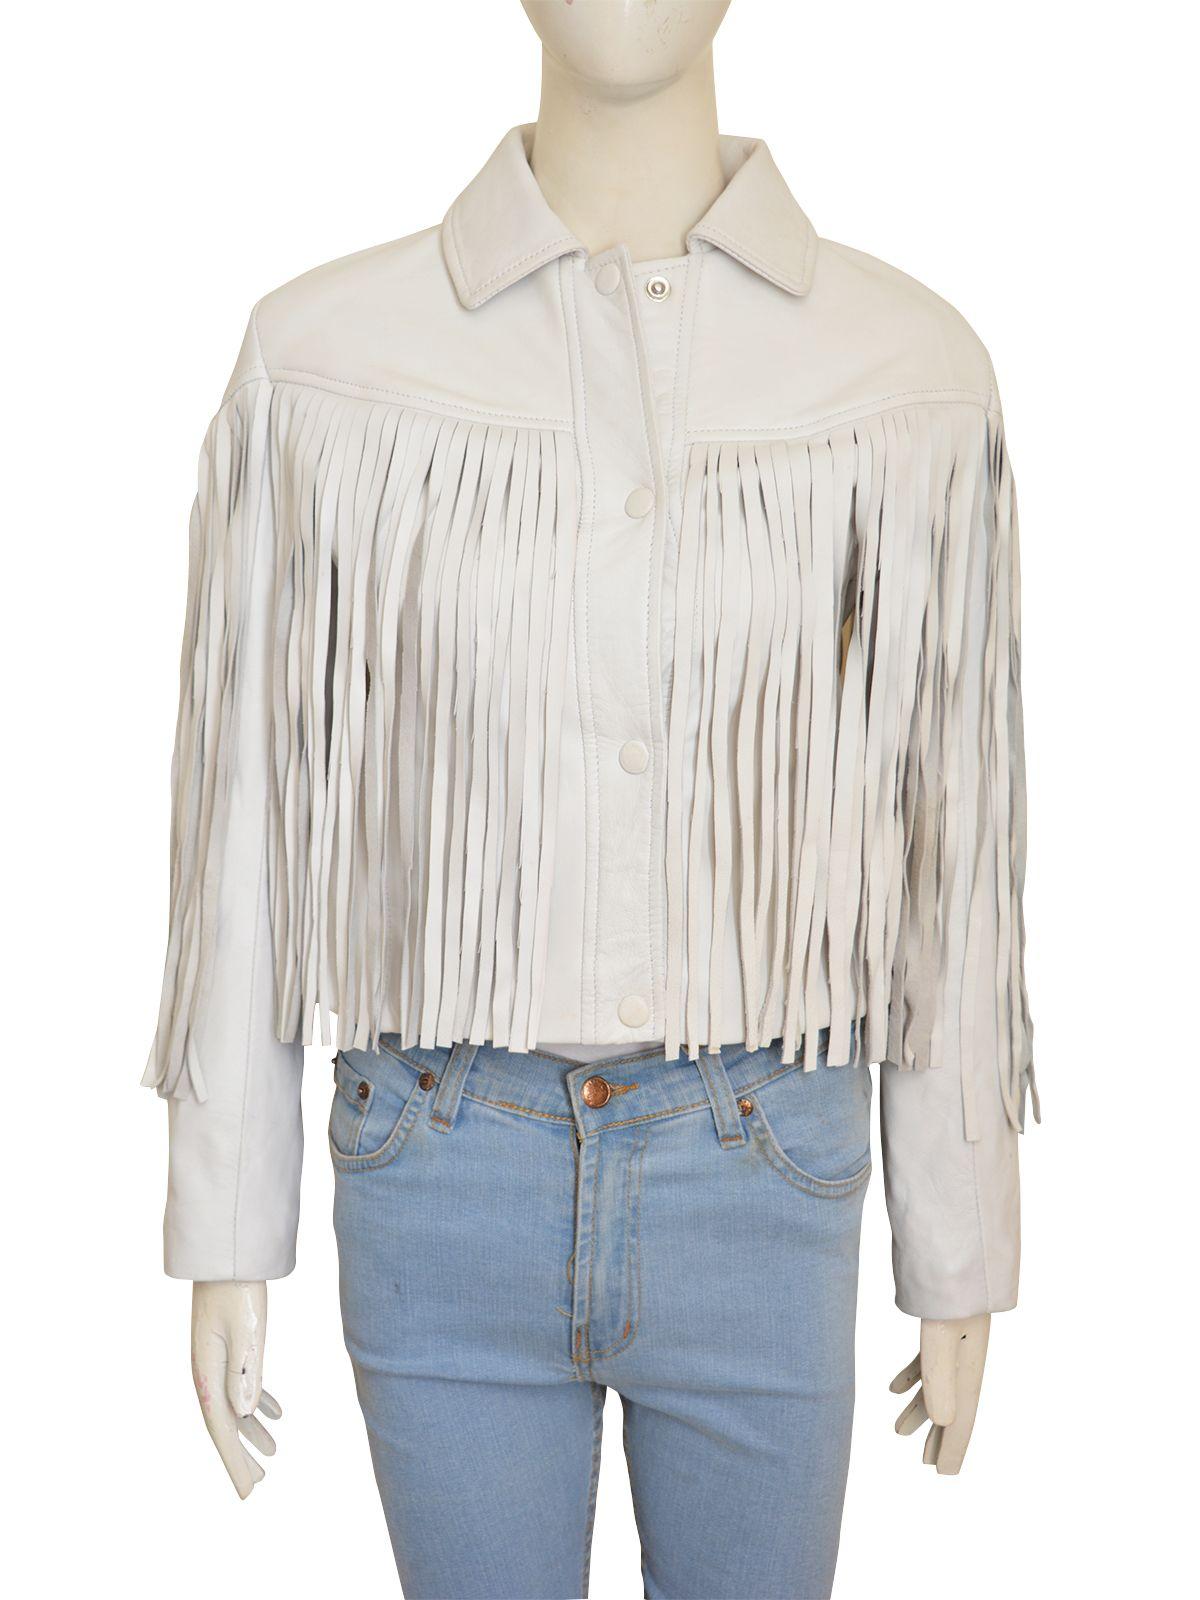 White Fringe Leather Jacket Fringe leather jacket